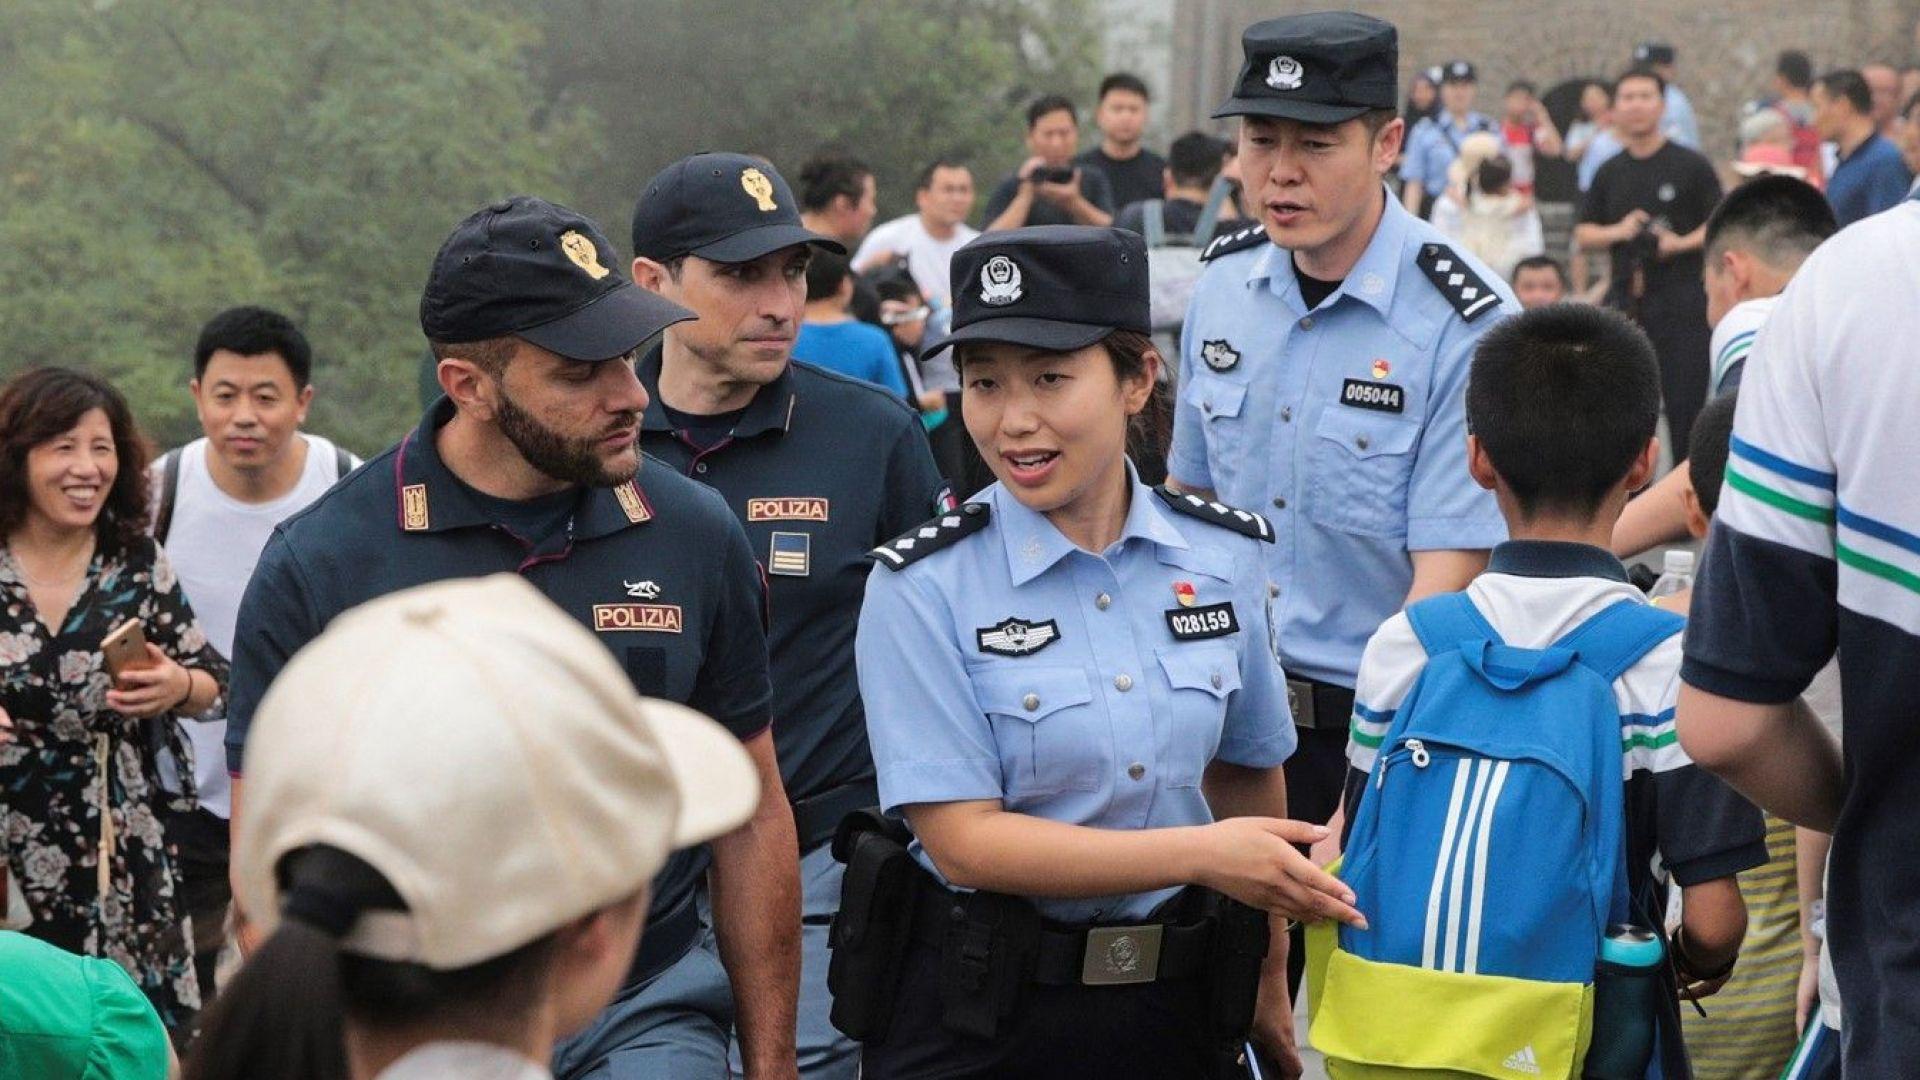 Италиански полицаи патрулират заедно с китайските на стената в Пекин